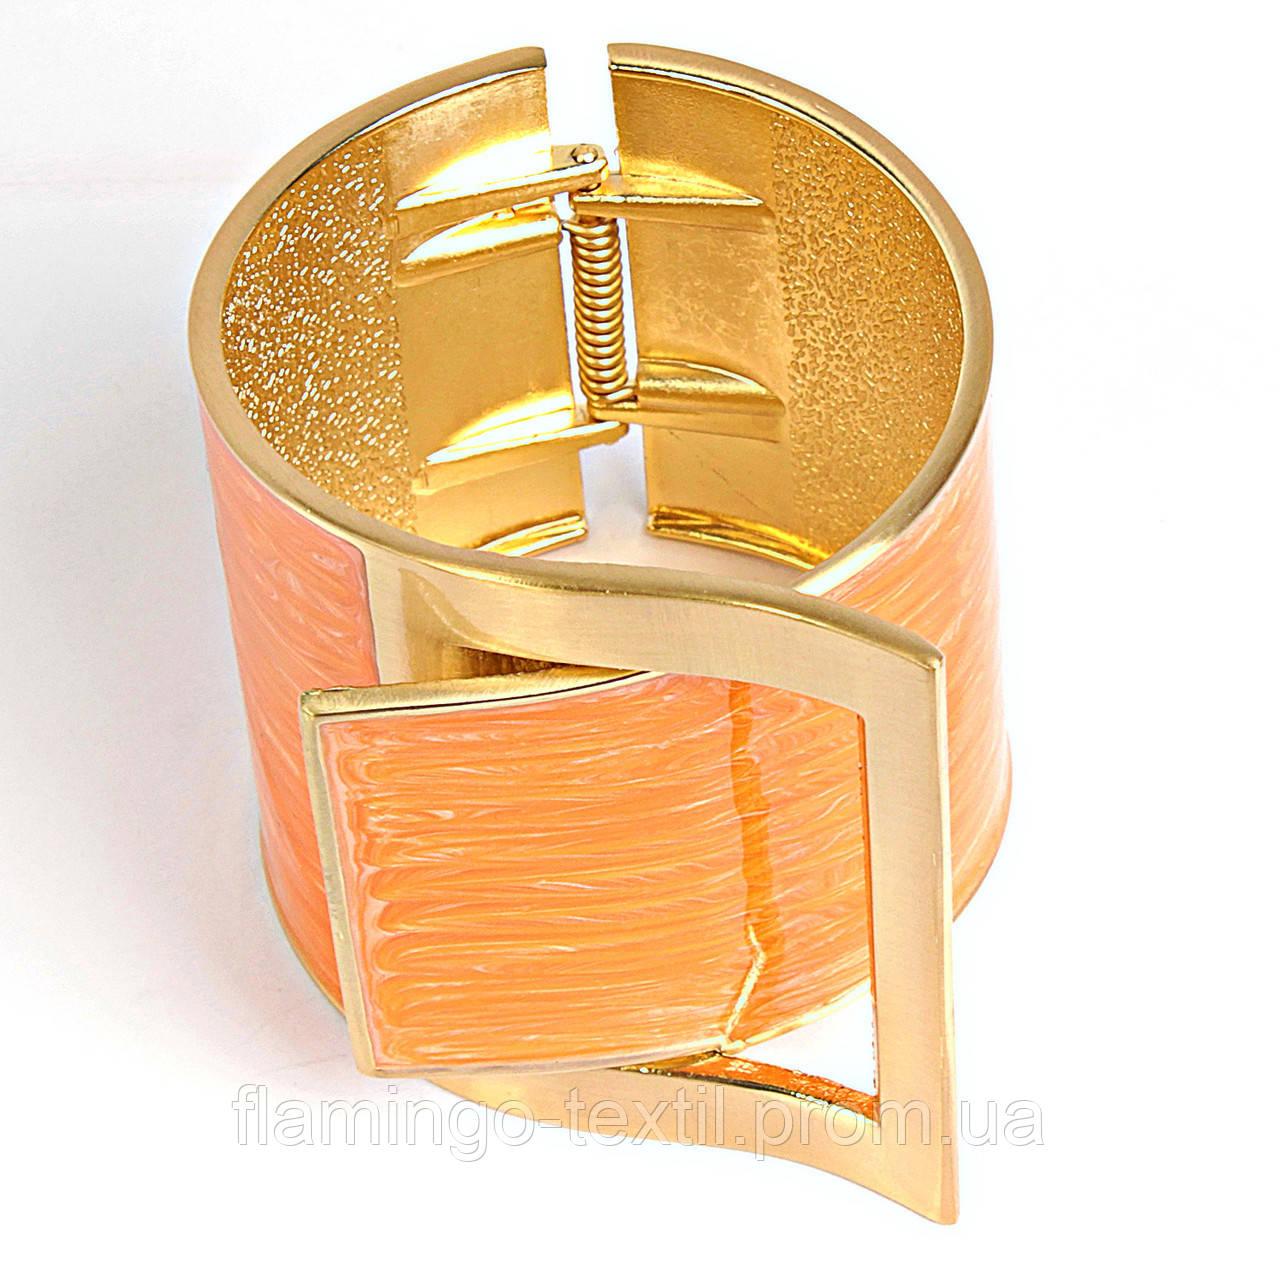 Ремень желтый женский широкий литье бронзы в гипсовую форму